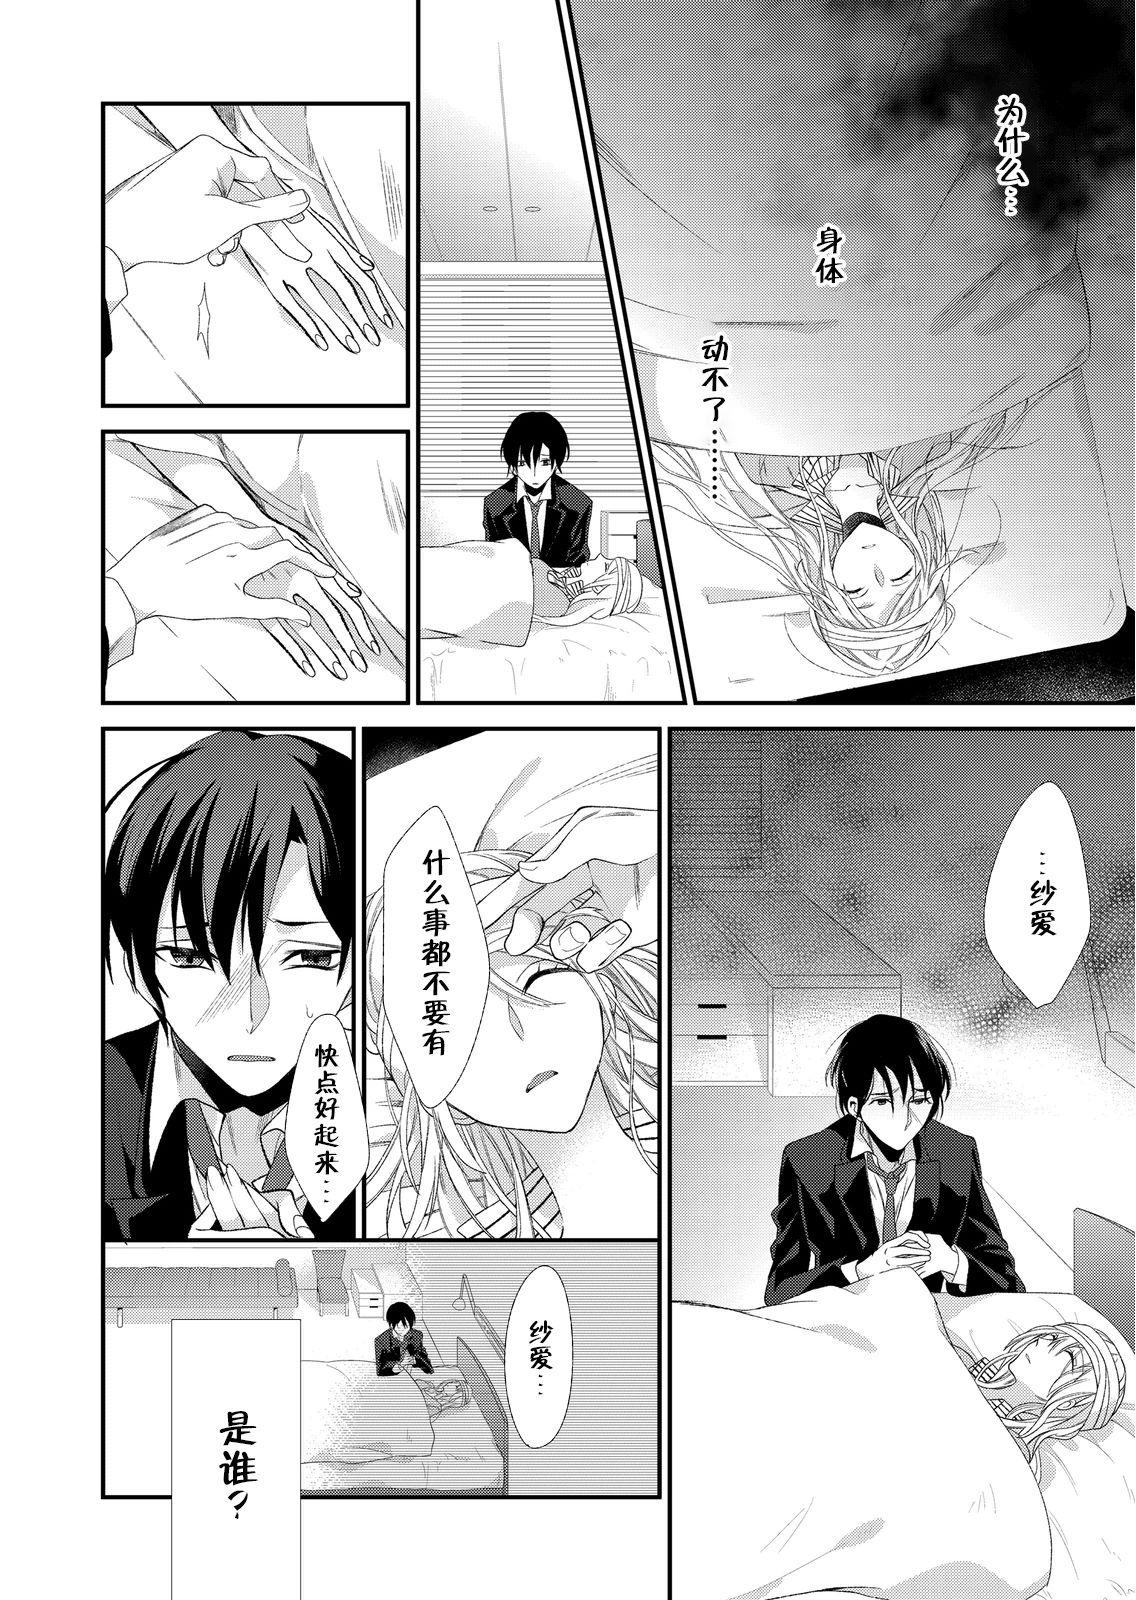 Kioku Sousitsu!? Watashi no Kareshi ha Docchi? Karada de Tameshite・・・ | 失忆!?我的男朋友到底是谁?用身体来确认…Ch. 1-2 14